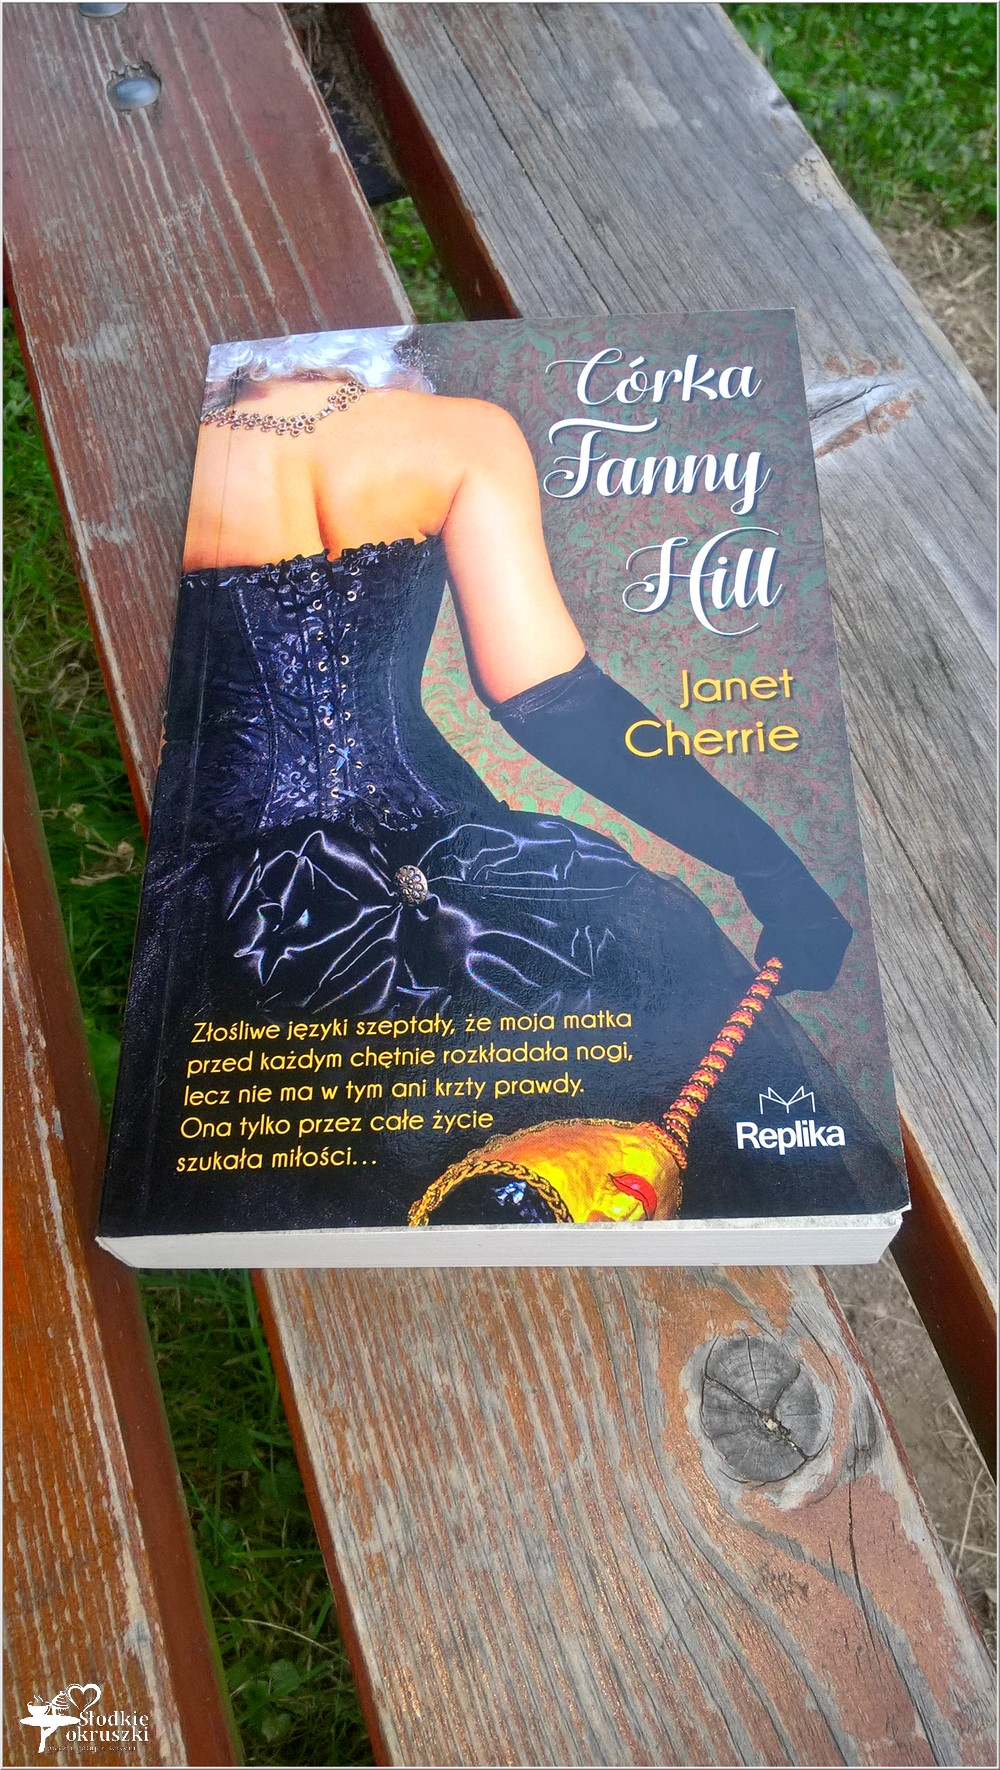 Córka Fanny Hill. Janet Cherrie (1)